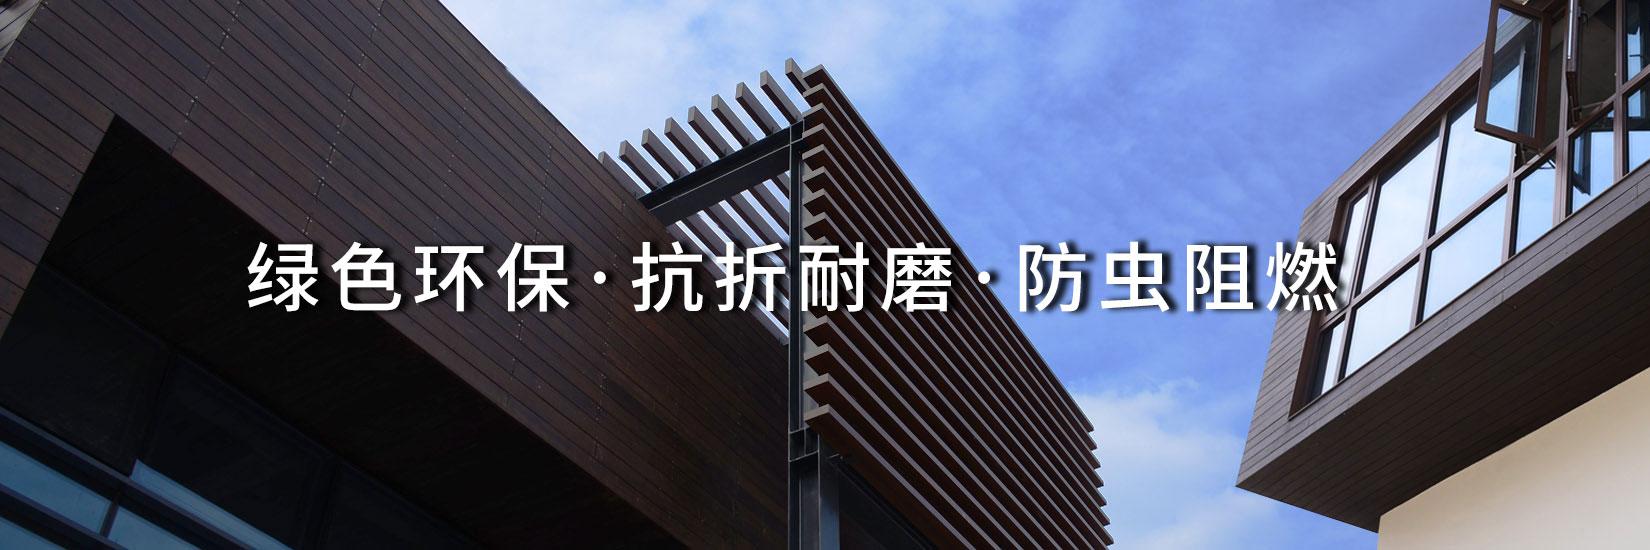 竹材,竹板产品